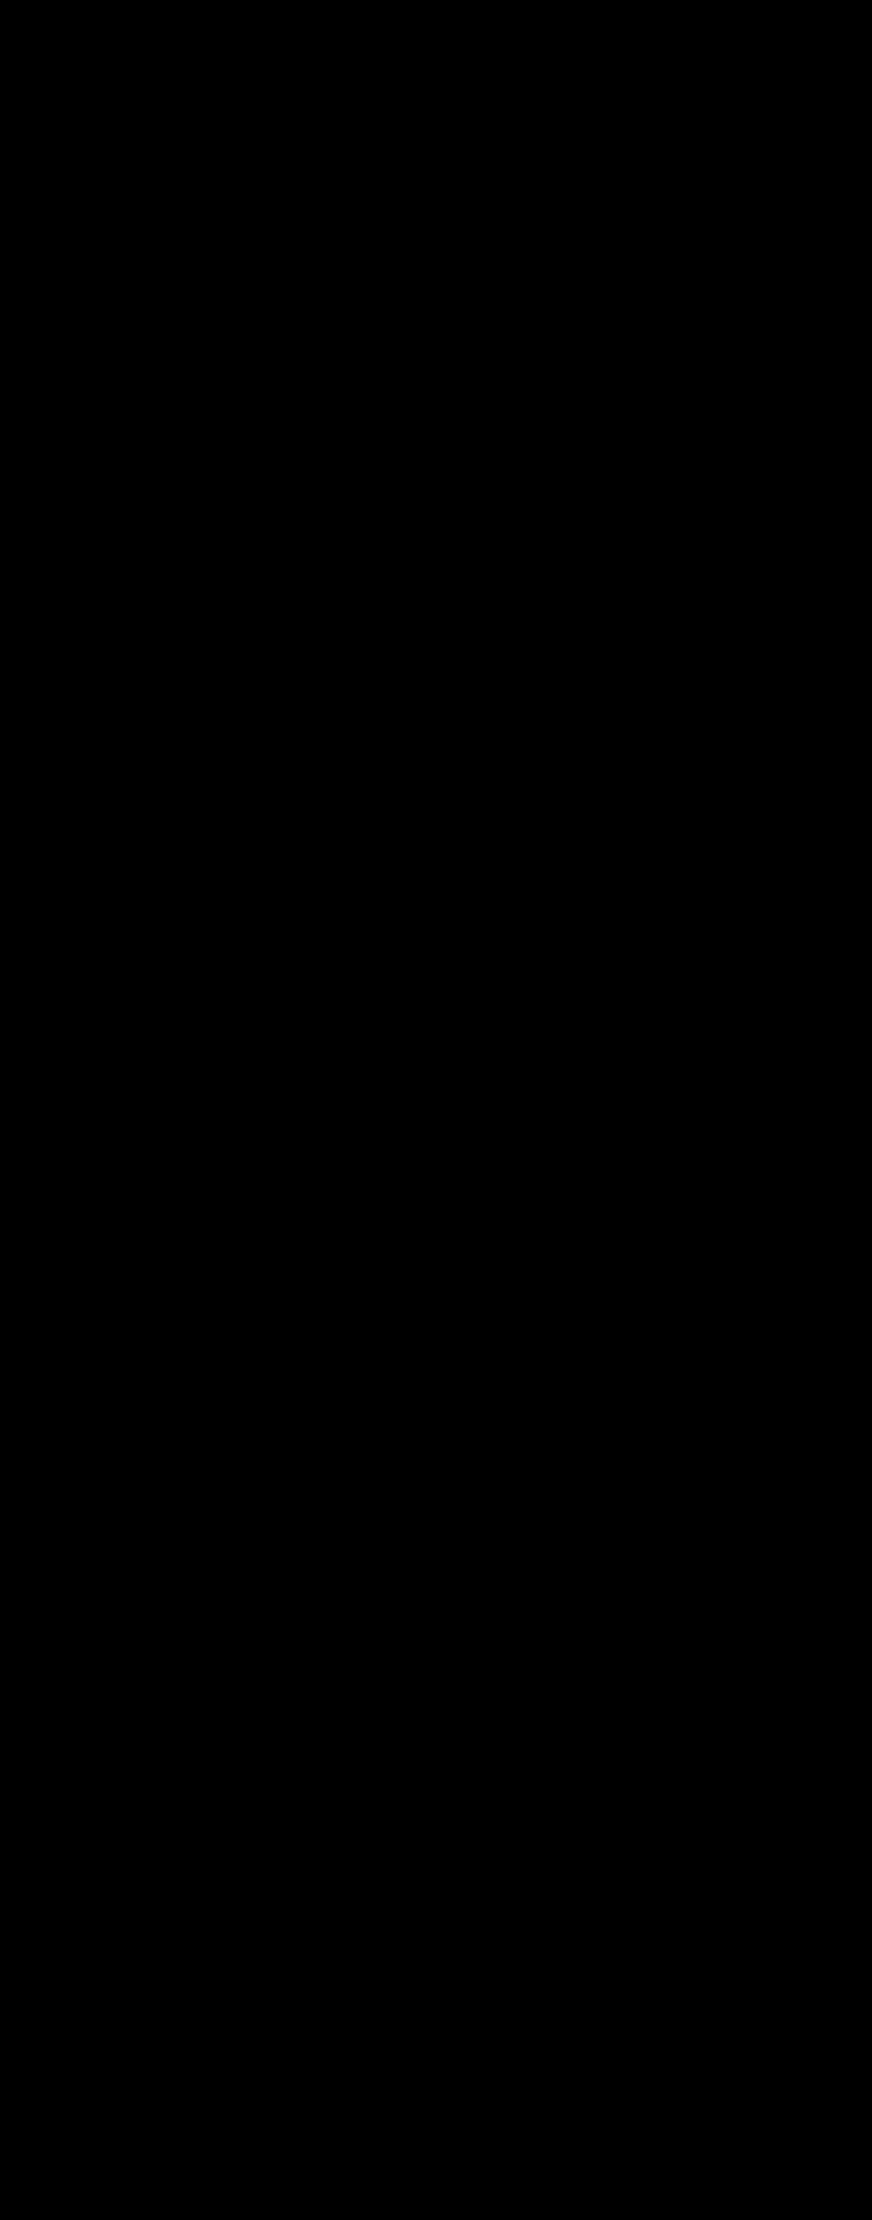 Clipart Pregnant Woman Profile Silhouette